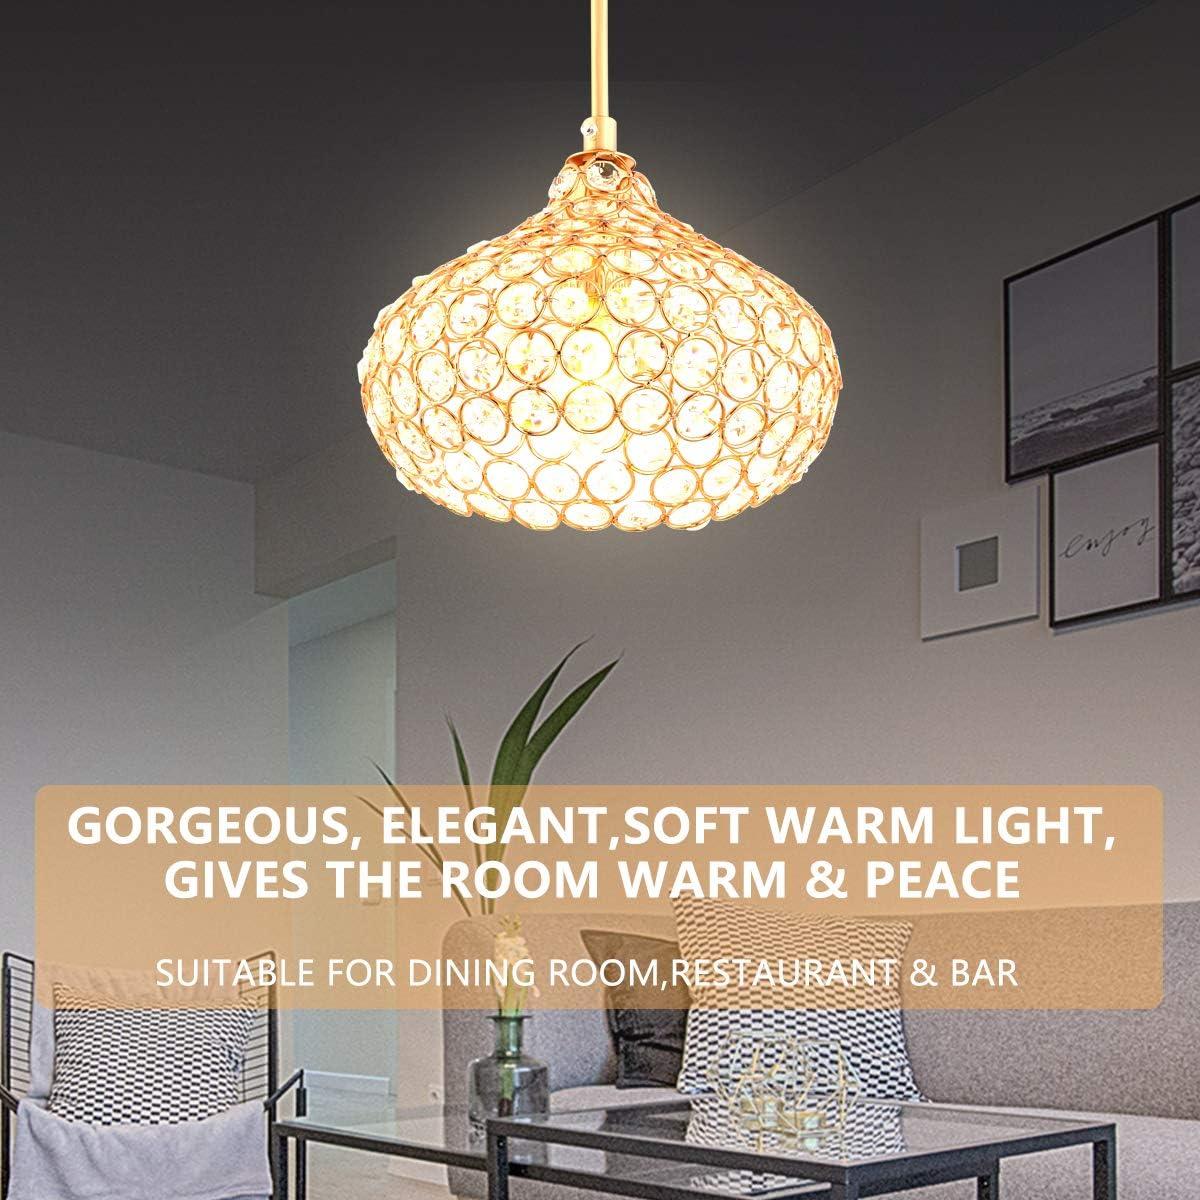 restaurant salon chambre /à coucher bar Cristal plafonnier,Fy-Light Lustre en cristal de style moderne K9 affleurant 1 tasse de lumi/ère abat-jour lustres de plafond pour la salle /à manger